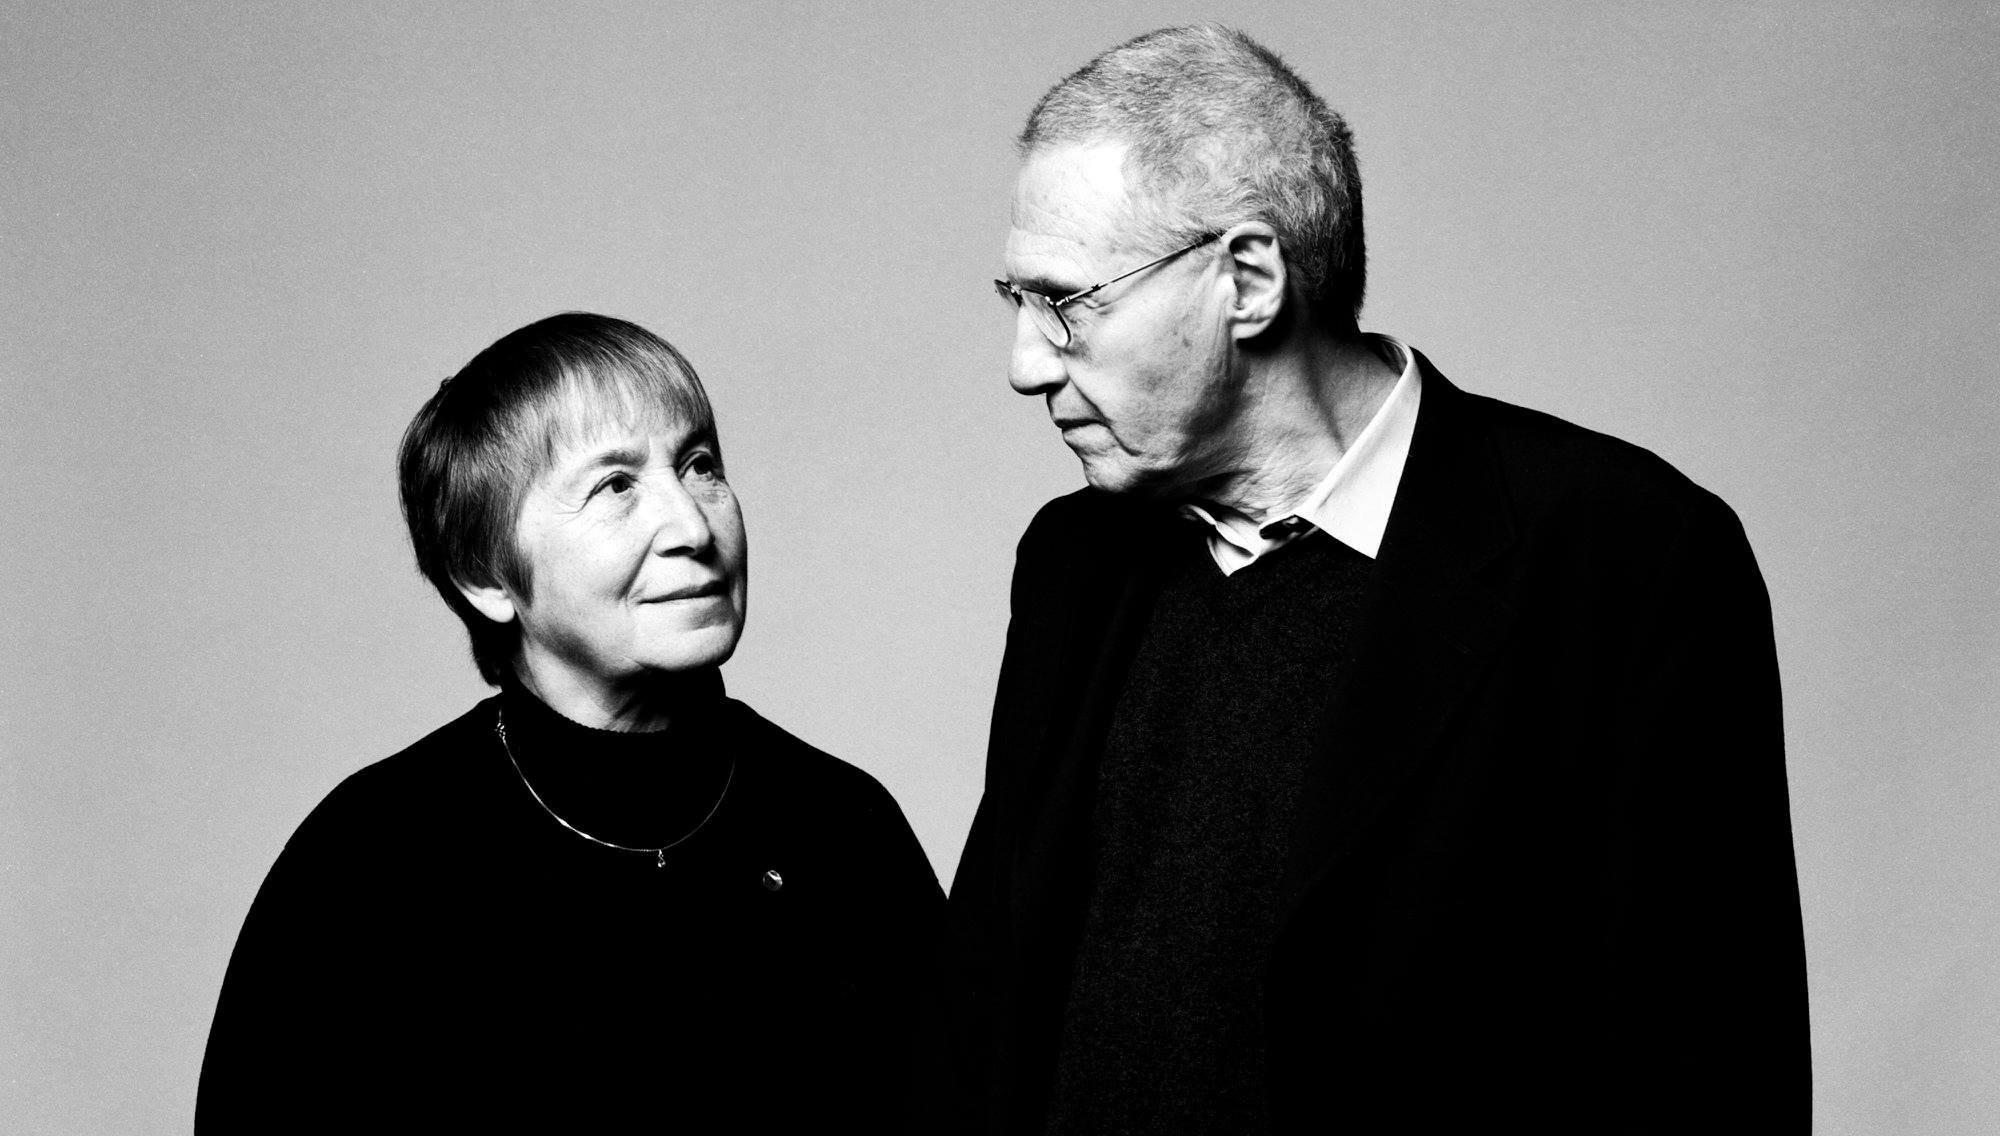 Kurtág Márta és Kurtág György – Fotó: Marco Borggreve